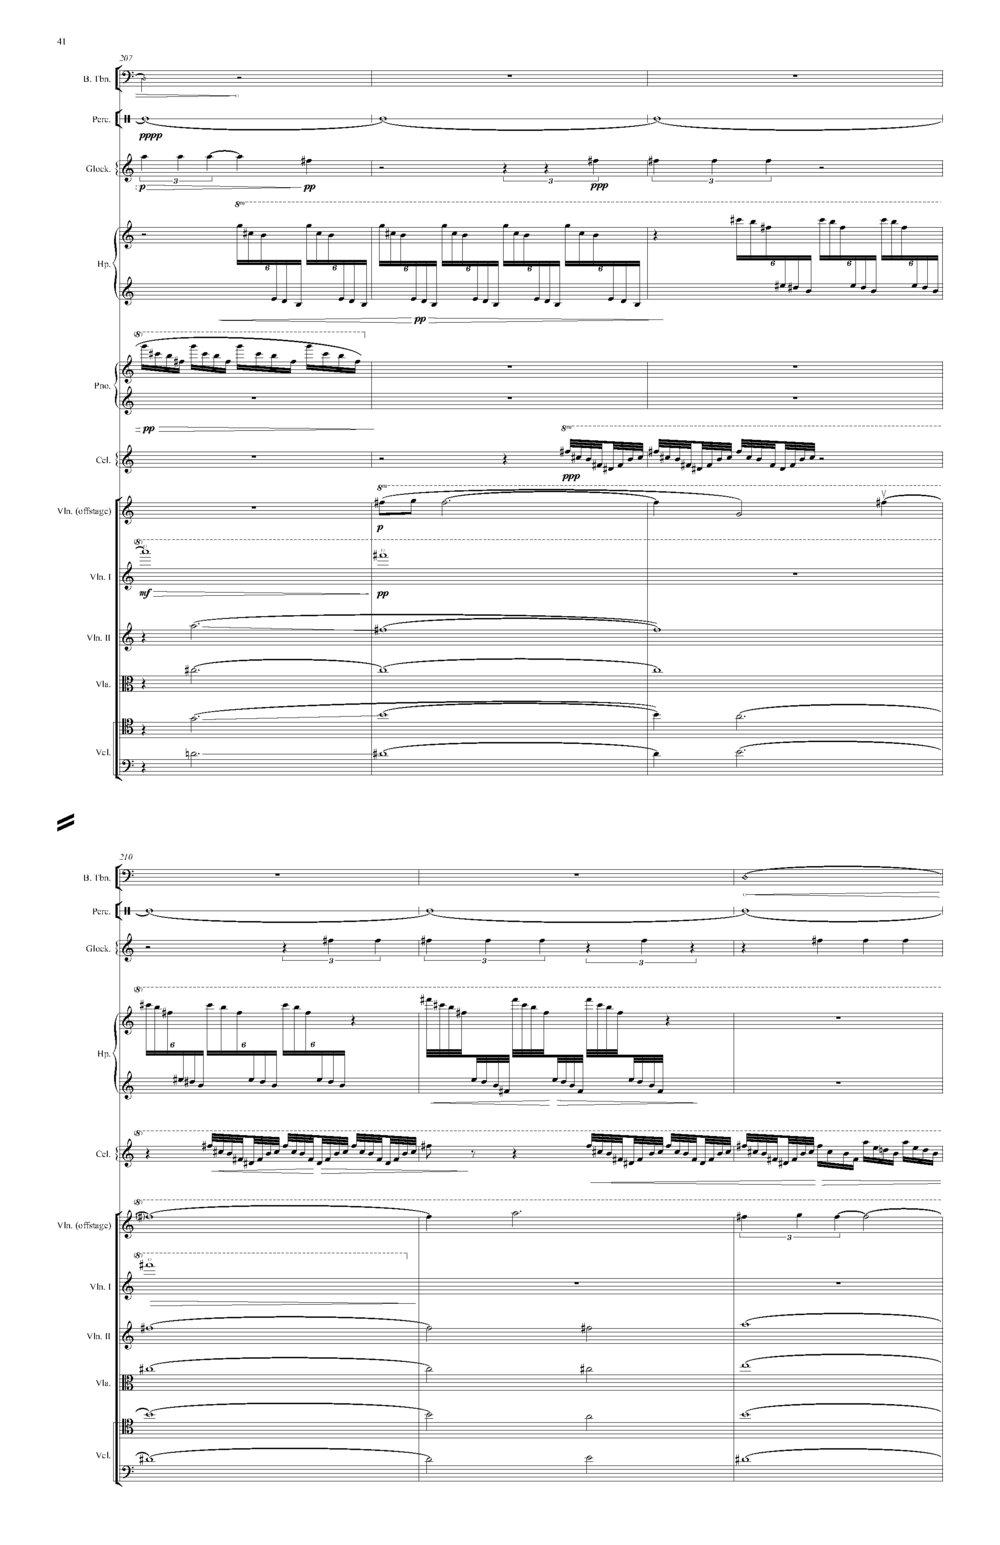 Kolmanskop 4-4-17 score - Full Score_Seite_44.jpg